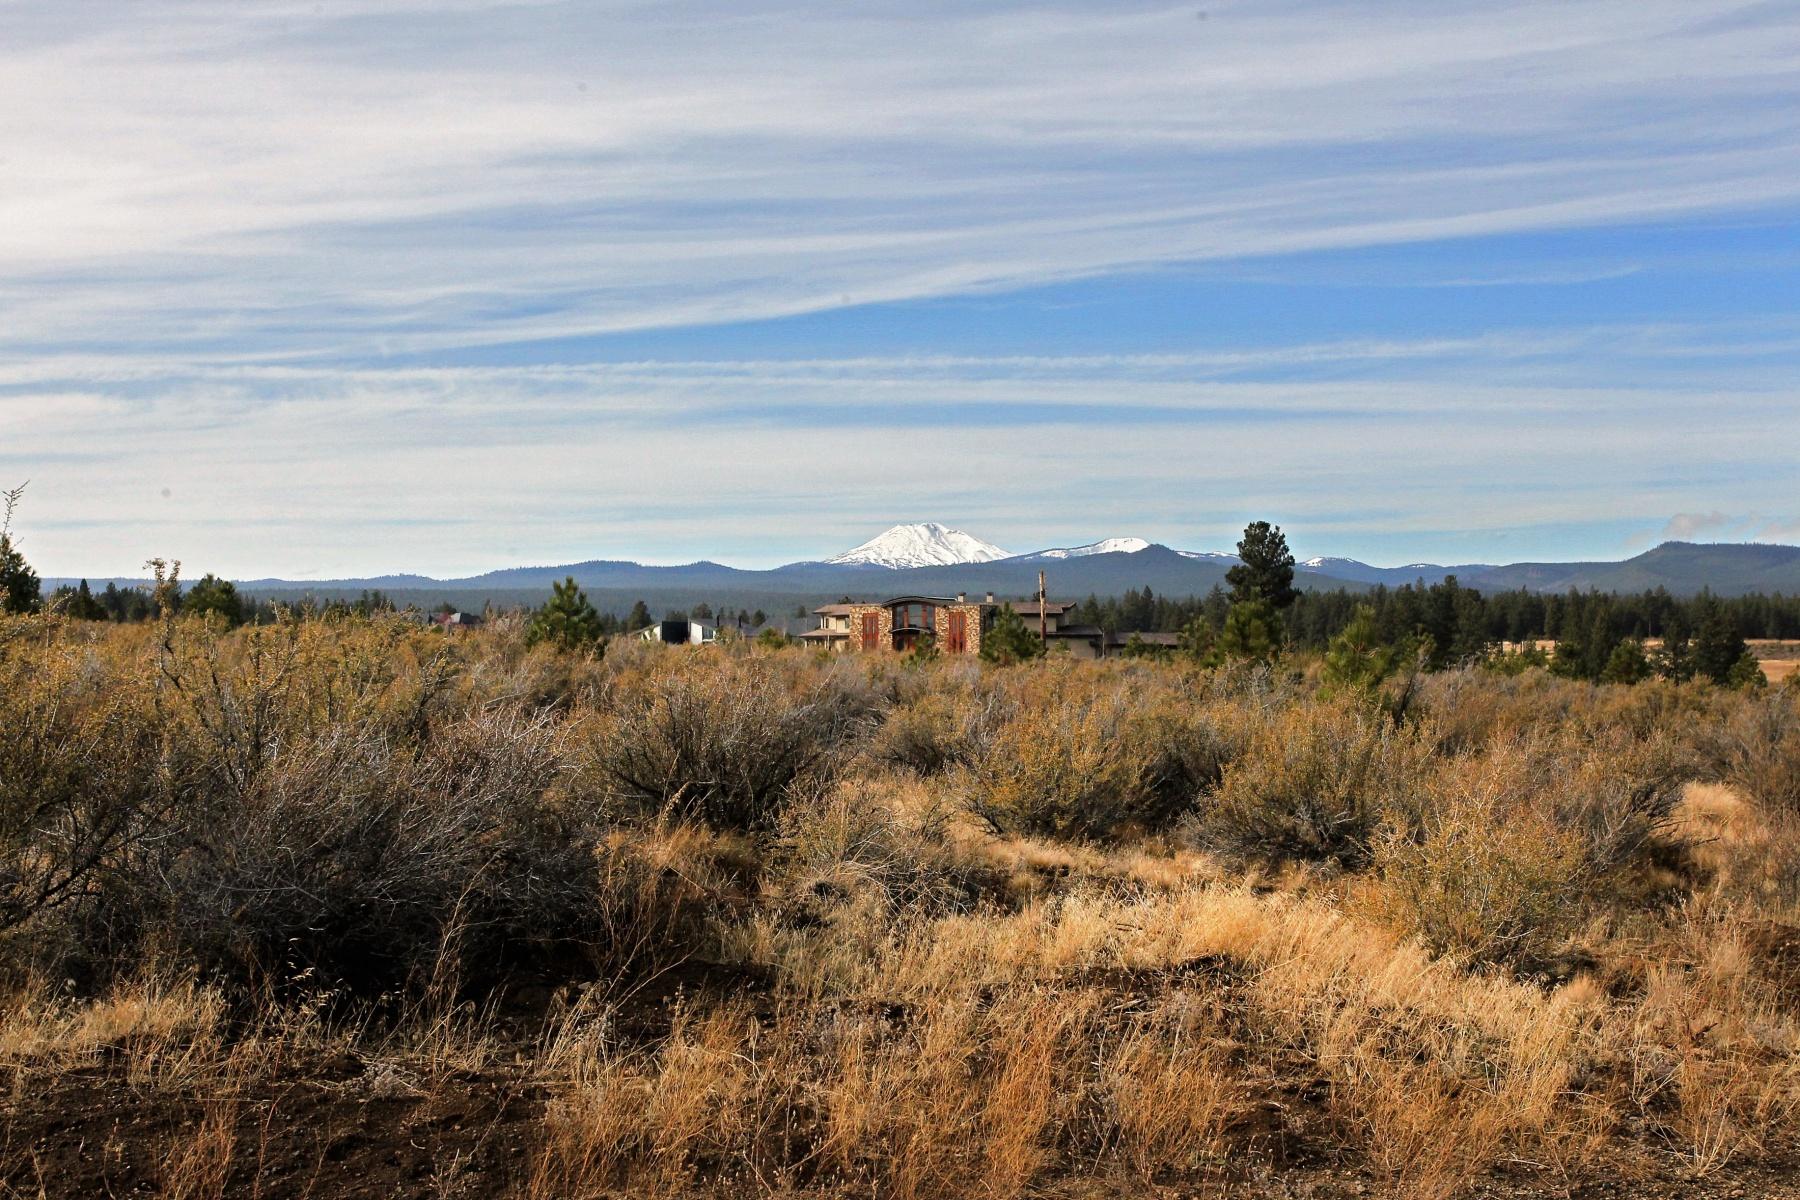 Terreno por un Venta en Tetherow .8 Acre Lot w Mtn Views 61785 Hosmer Lake Dr Lot 333 Bend, Oregon, 97702 Estados Unidos